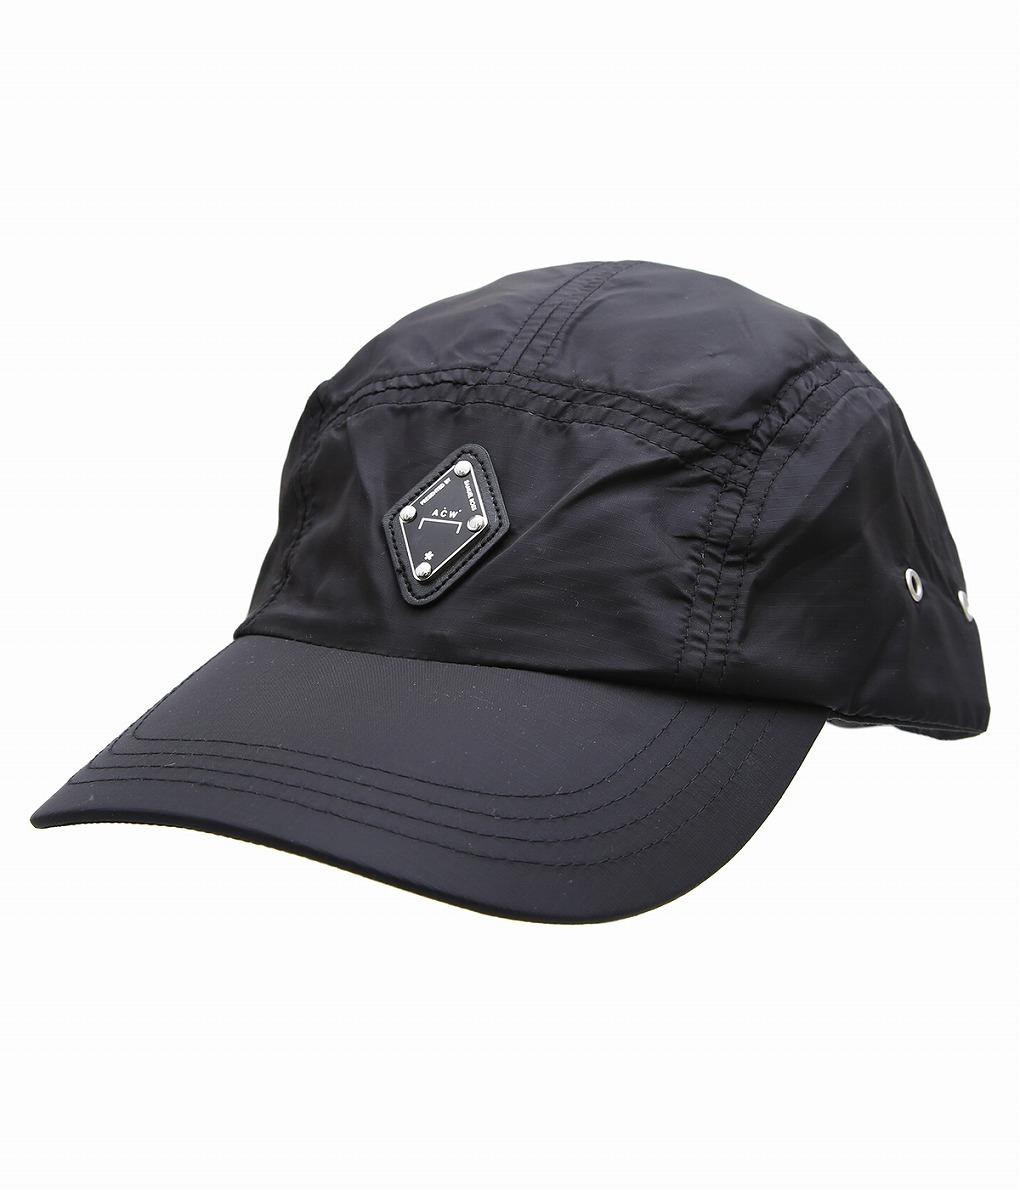 A-COLD-WALL* / ア コールド ウォール : RHOMBUS LOGO CAP : ロンバス ロゴ キャップ 20SS 20春夏 : ACWUA002WHL 【WAX】